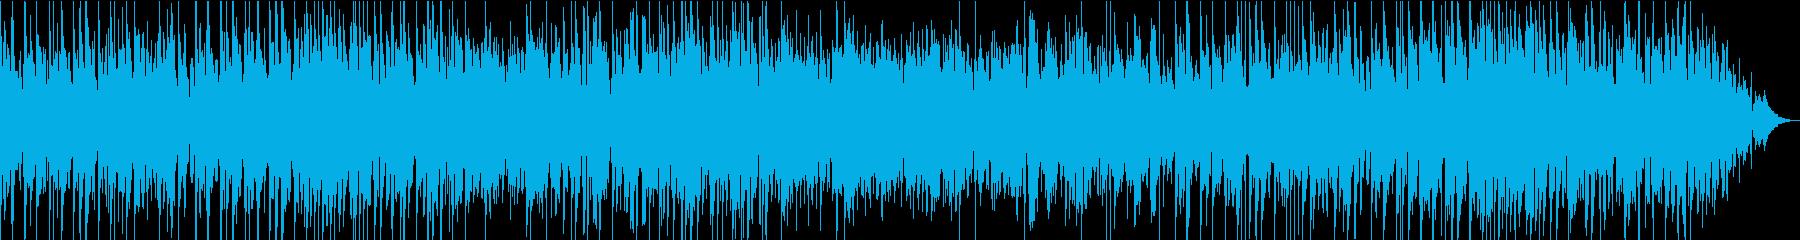 オリエンタルな雰囲気のジャズワルツの再生済みの波形